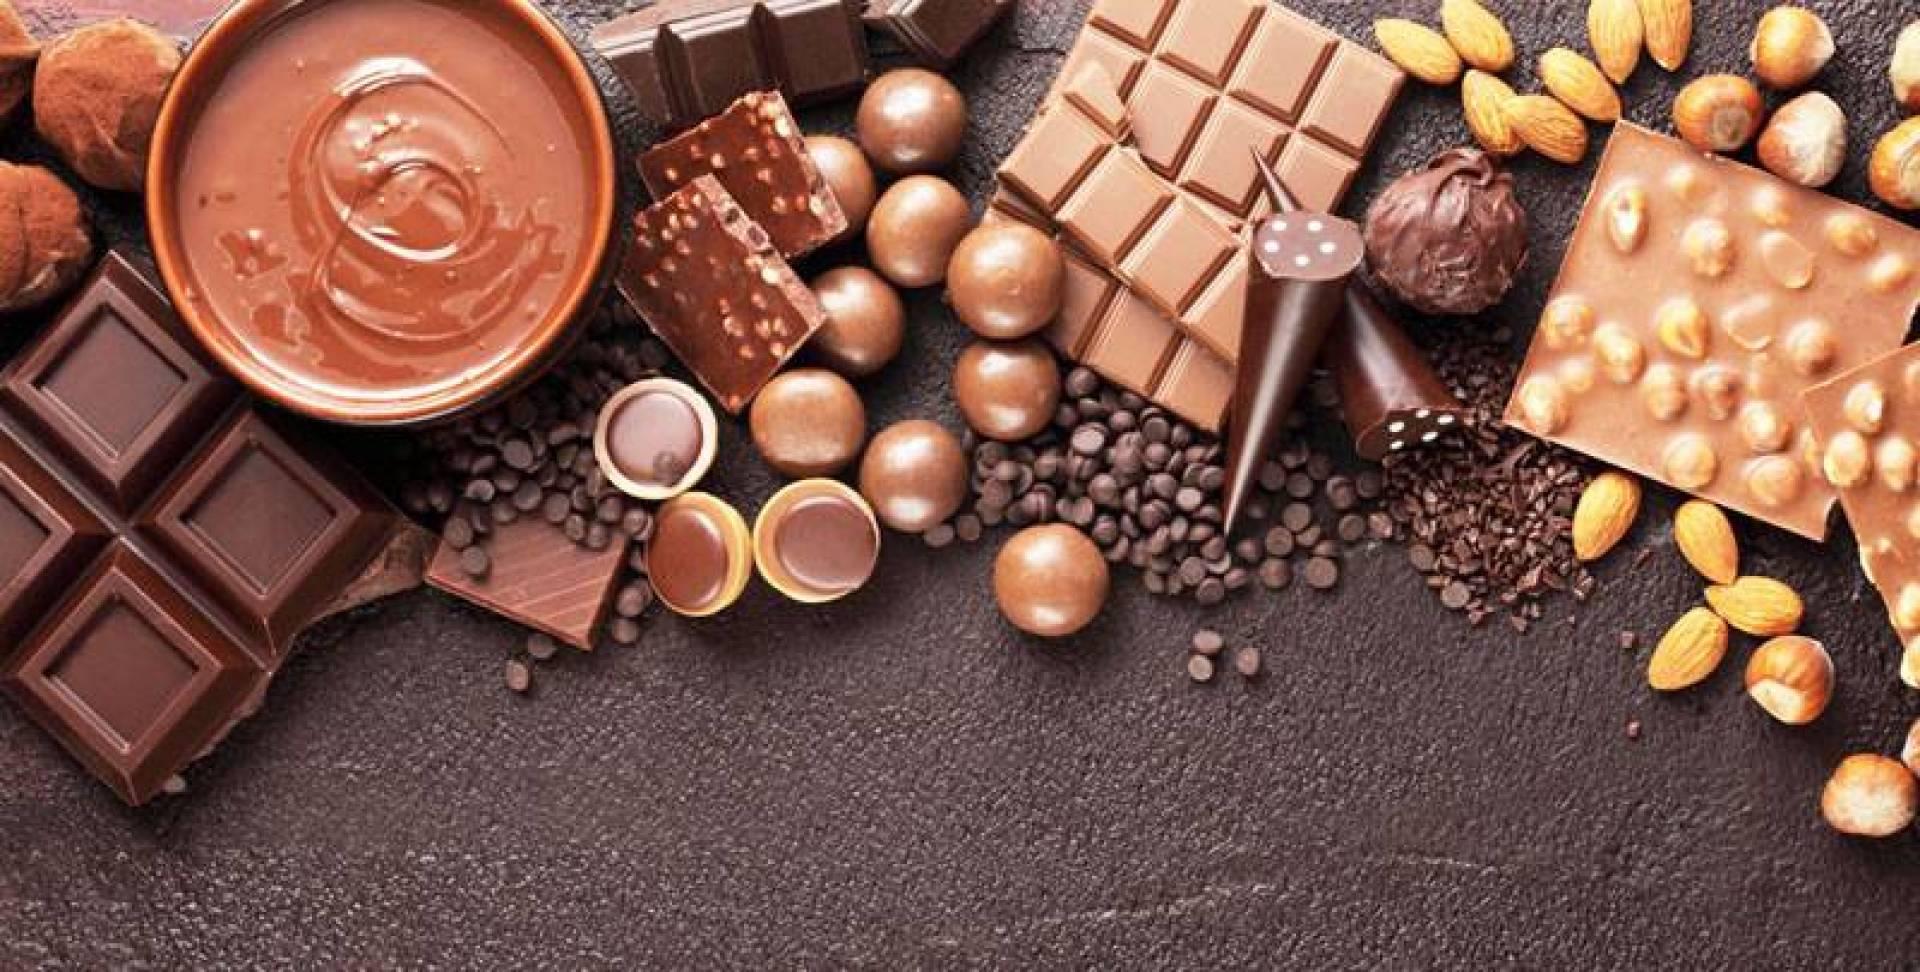 تفسير حلم اكل الشوكولاته للعزباء Cooknays Com